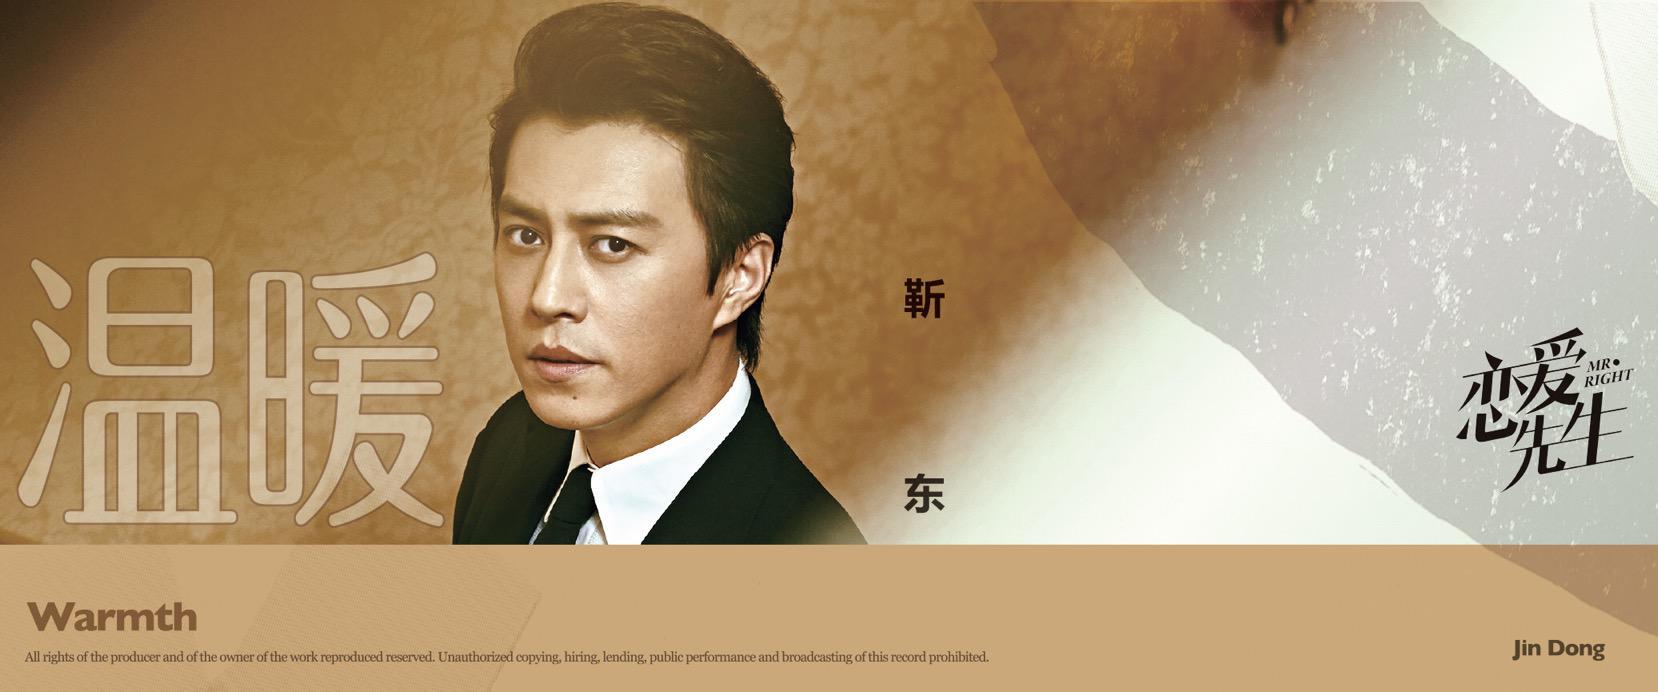 靳东高级定制《温暖》 网友:2018最暖男声